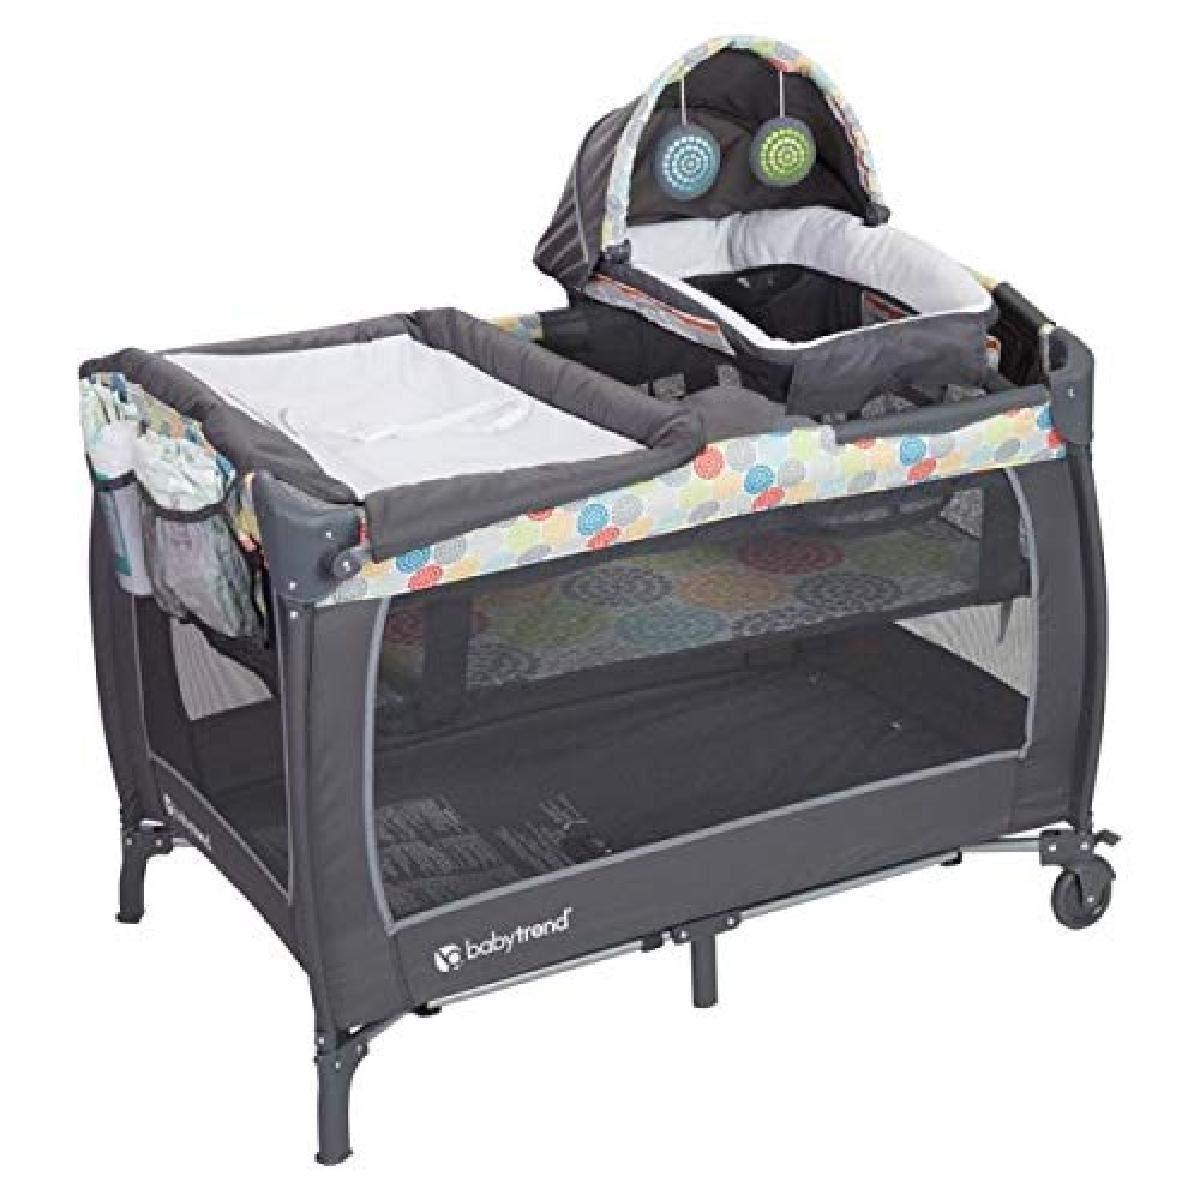 Fashion Baby Trend Lil Snooze Deluxe II, Funfetti, Confetti